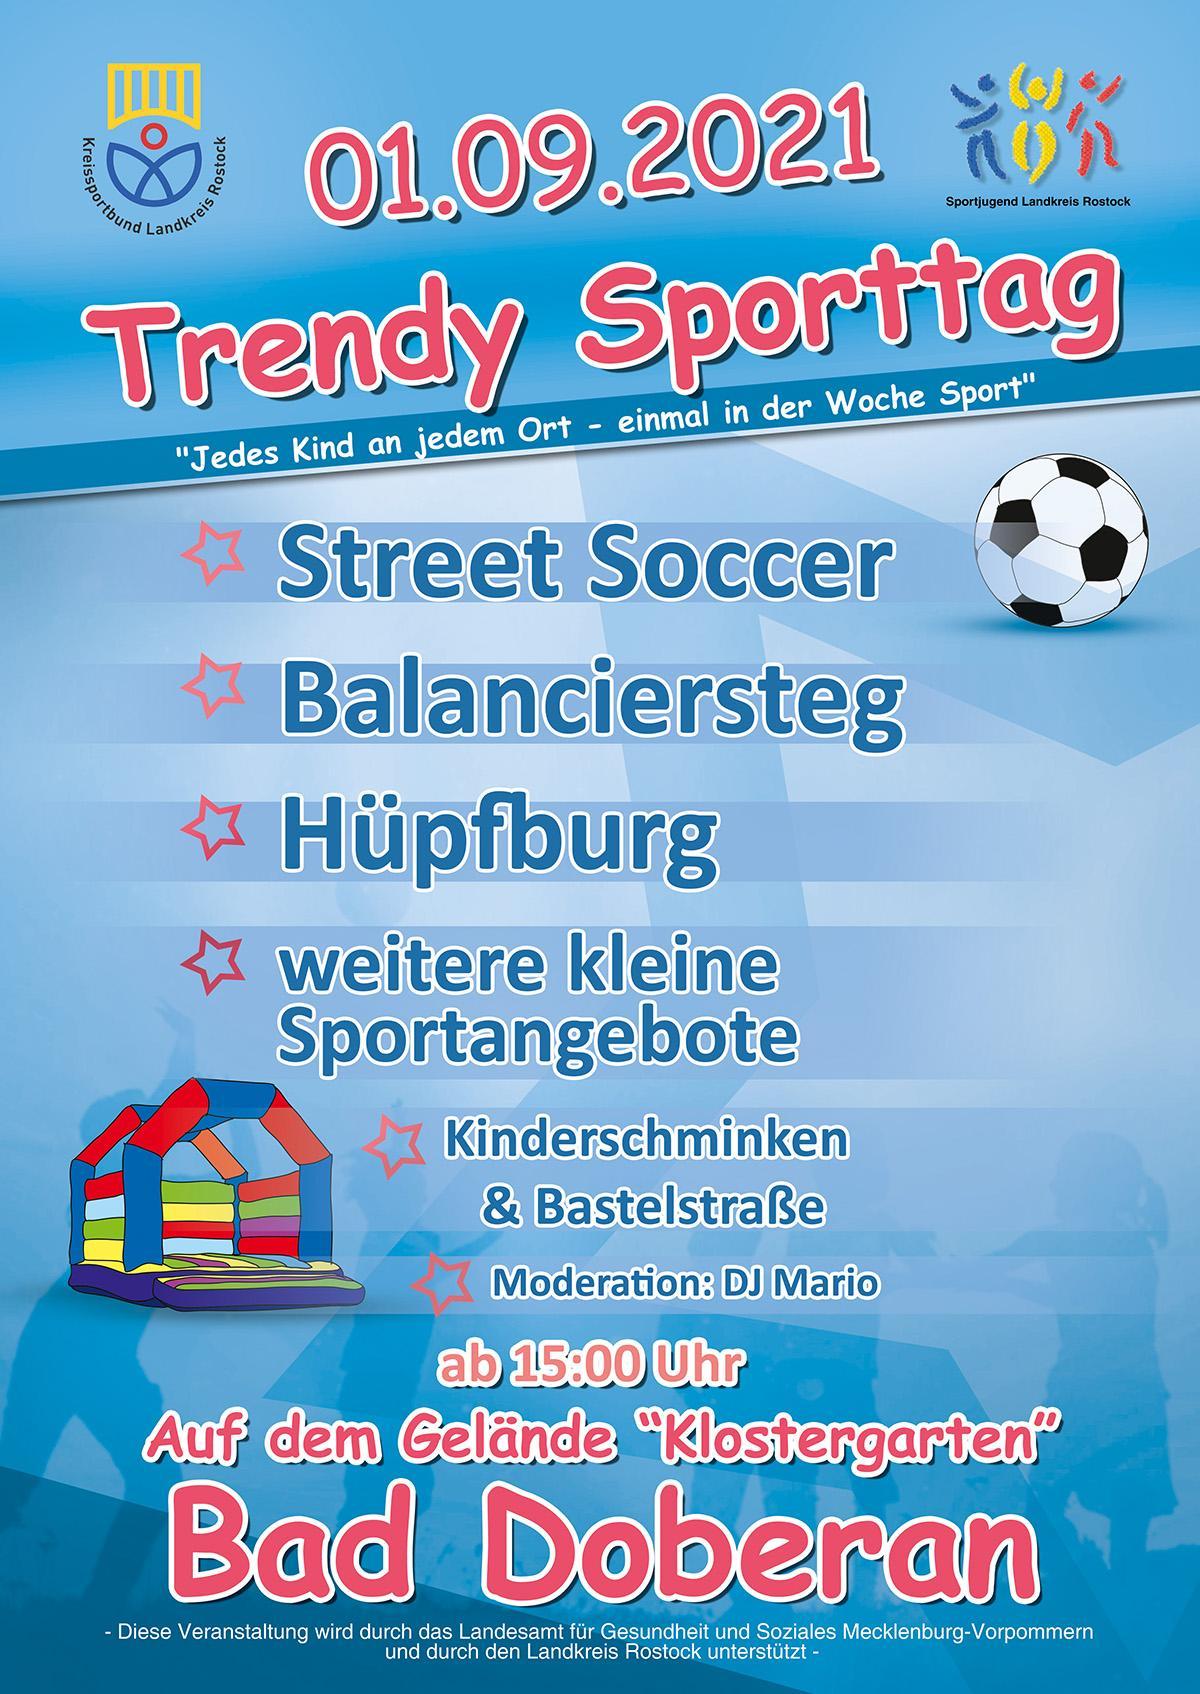 Trendysporttag 2021_Plakat